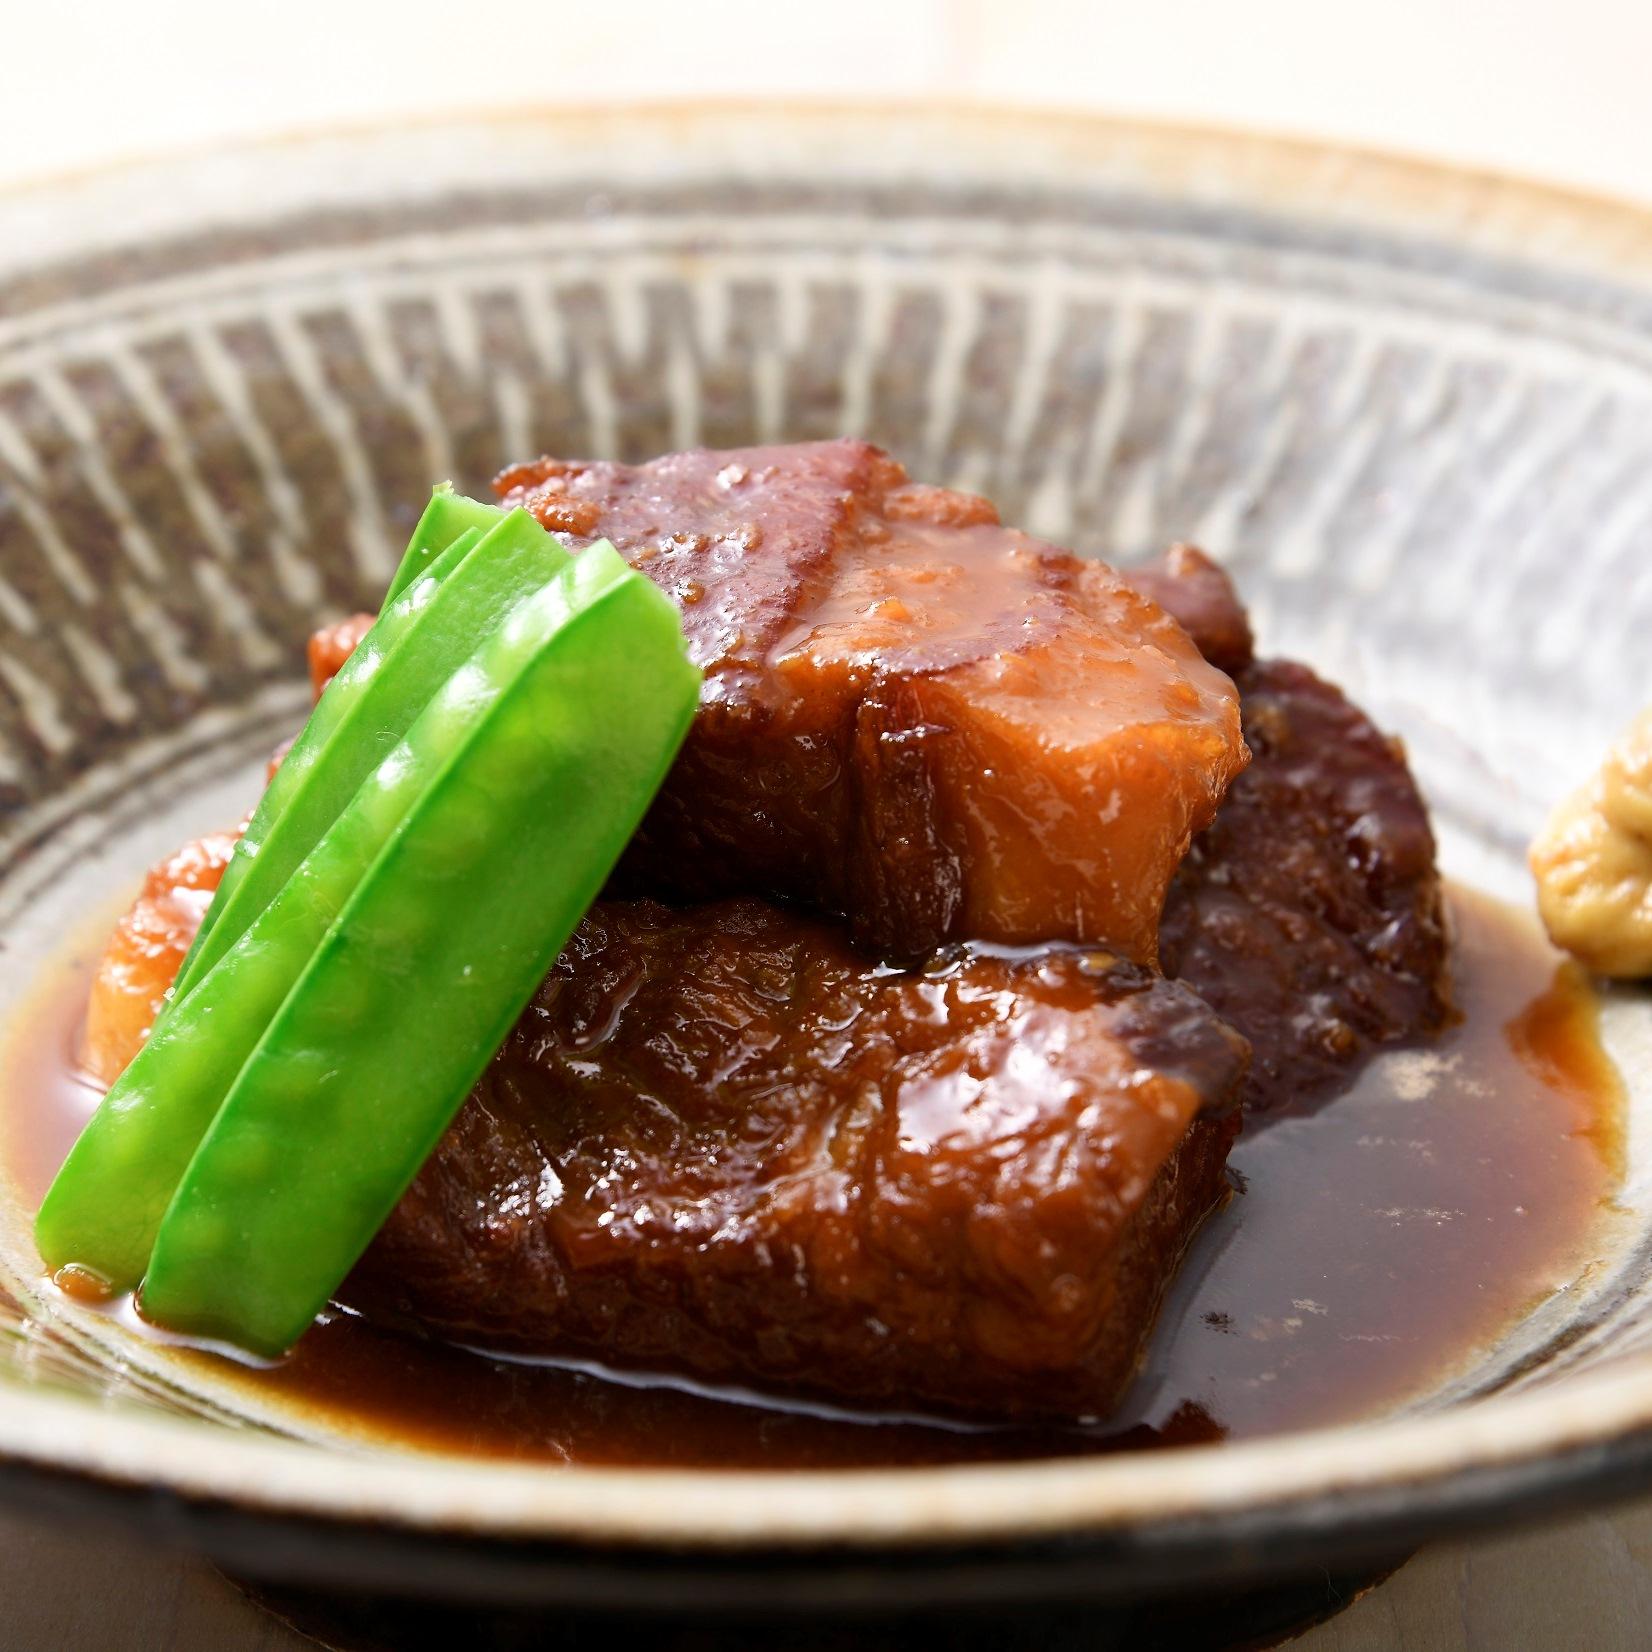 豚バラ肉の味噌煮込み